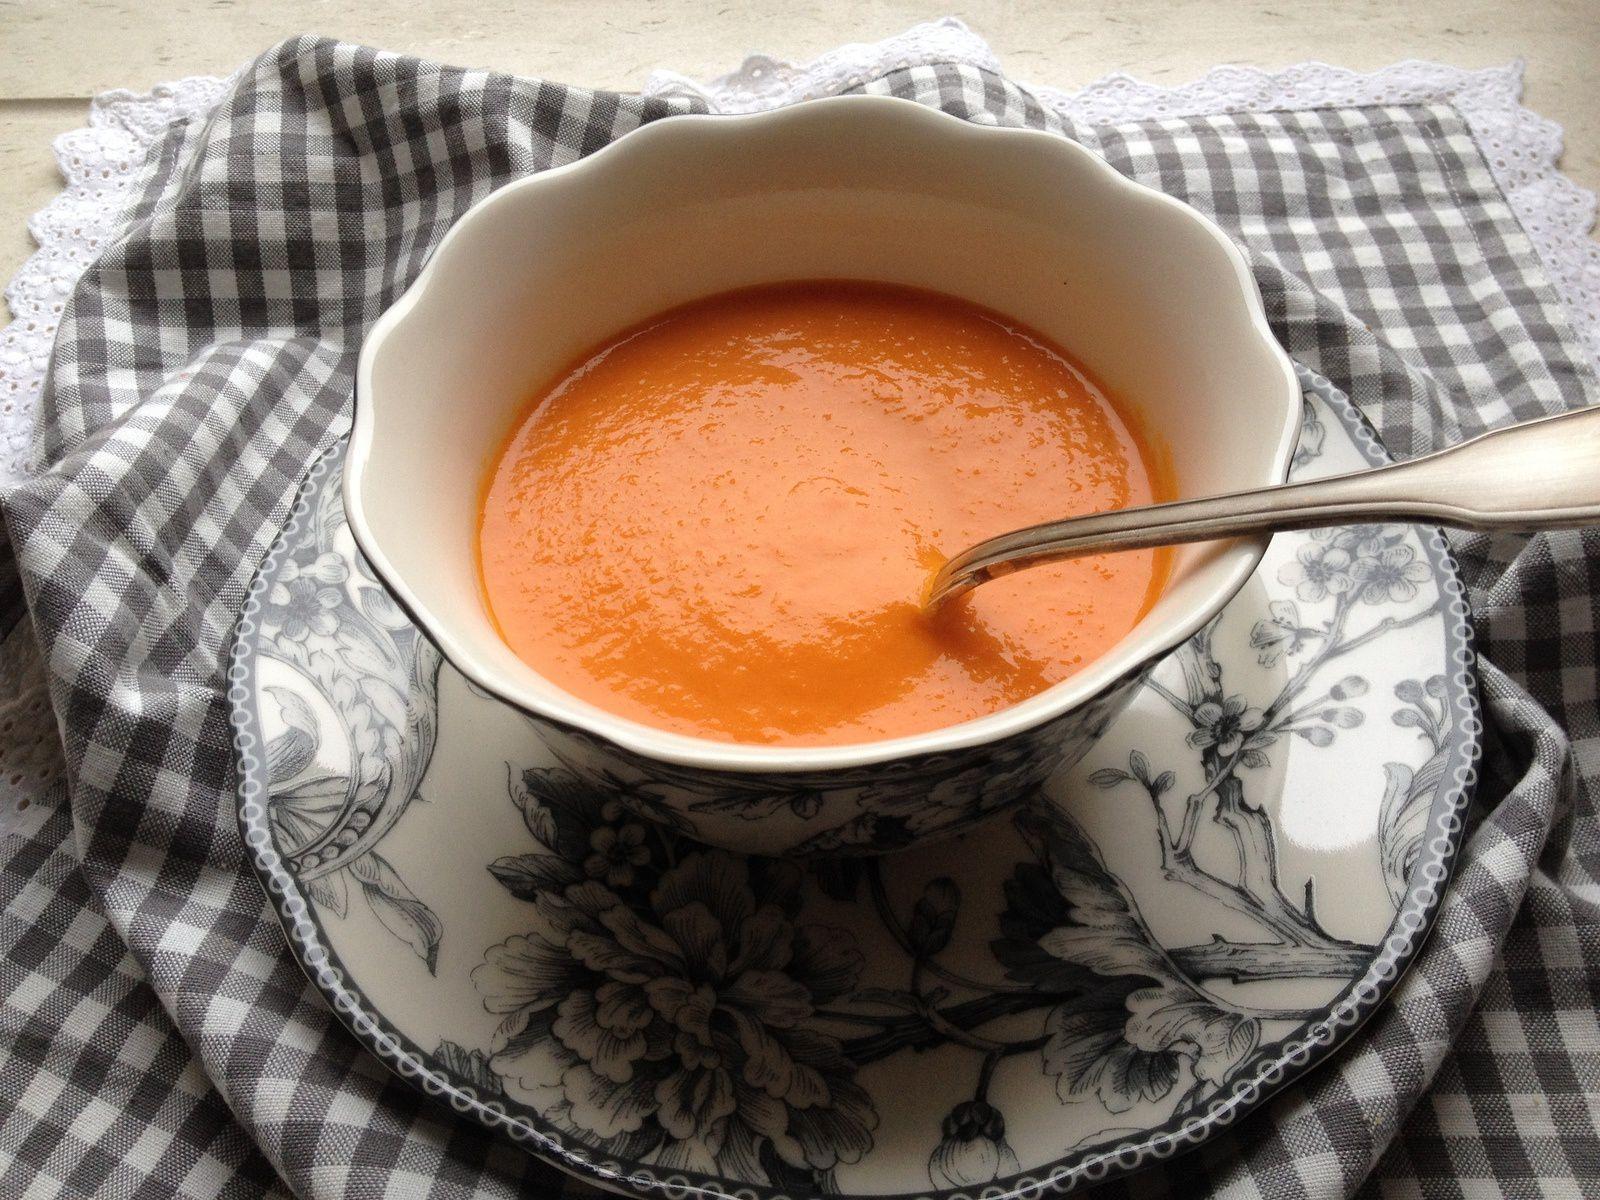 velouté rapide de tomates &quot&#x3B;d'hiver&quot&#x3B;